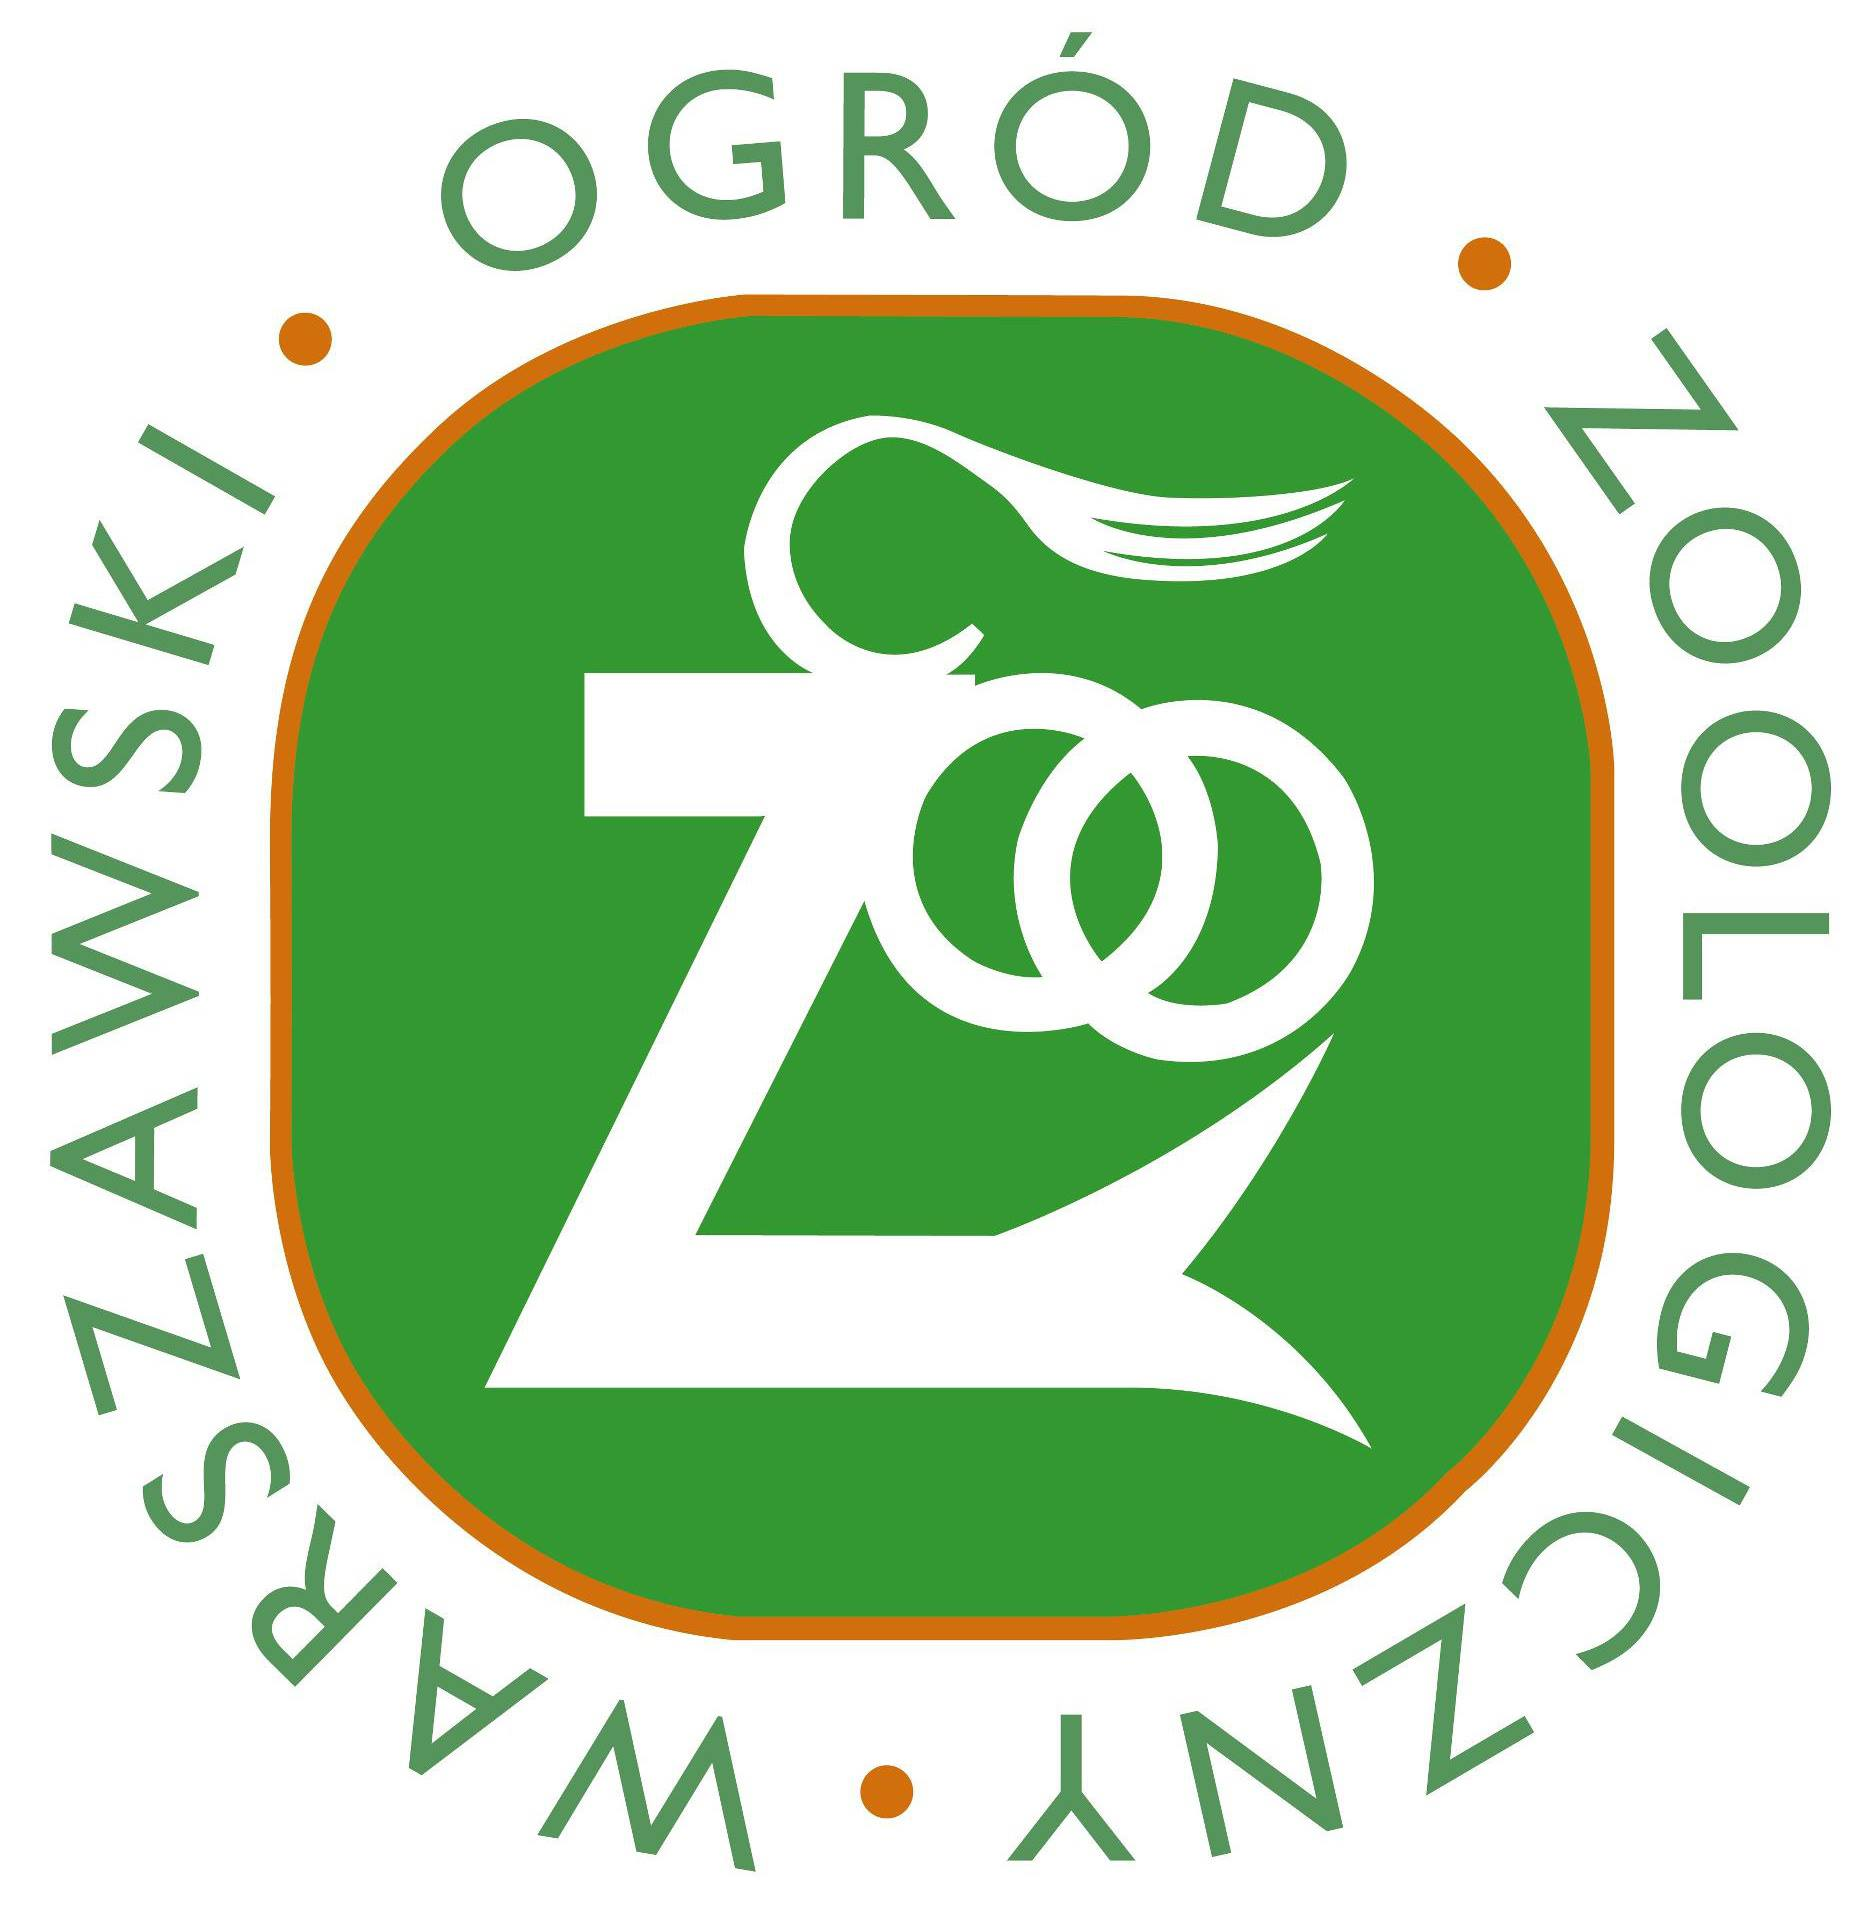 Warszawski Ogród Zoologiczny - logo